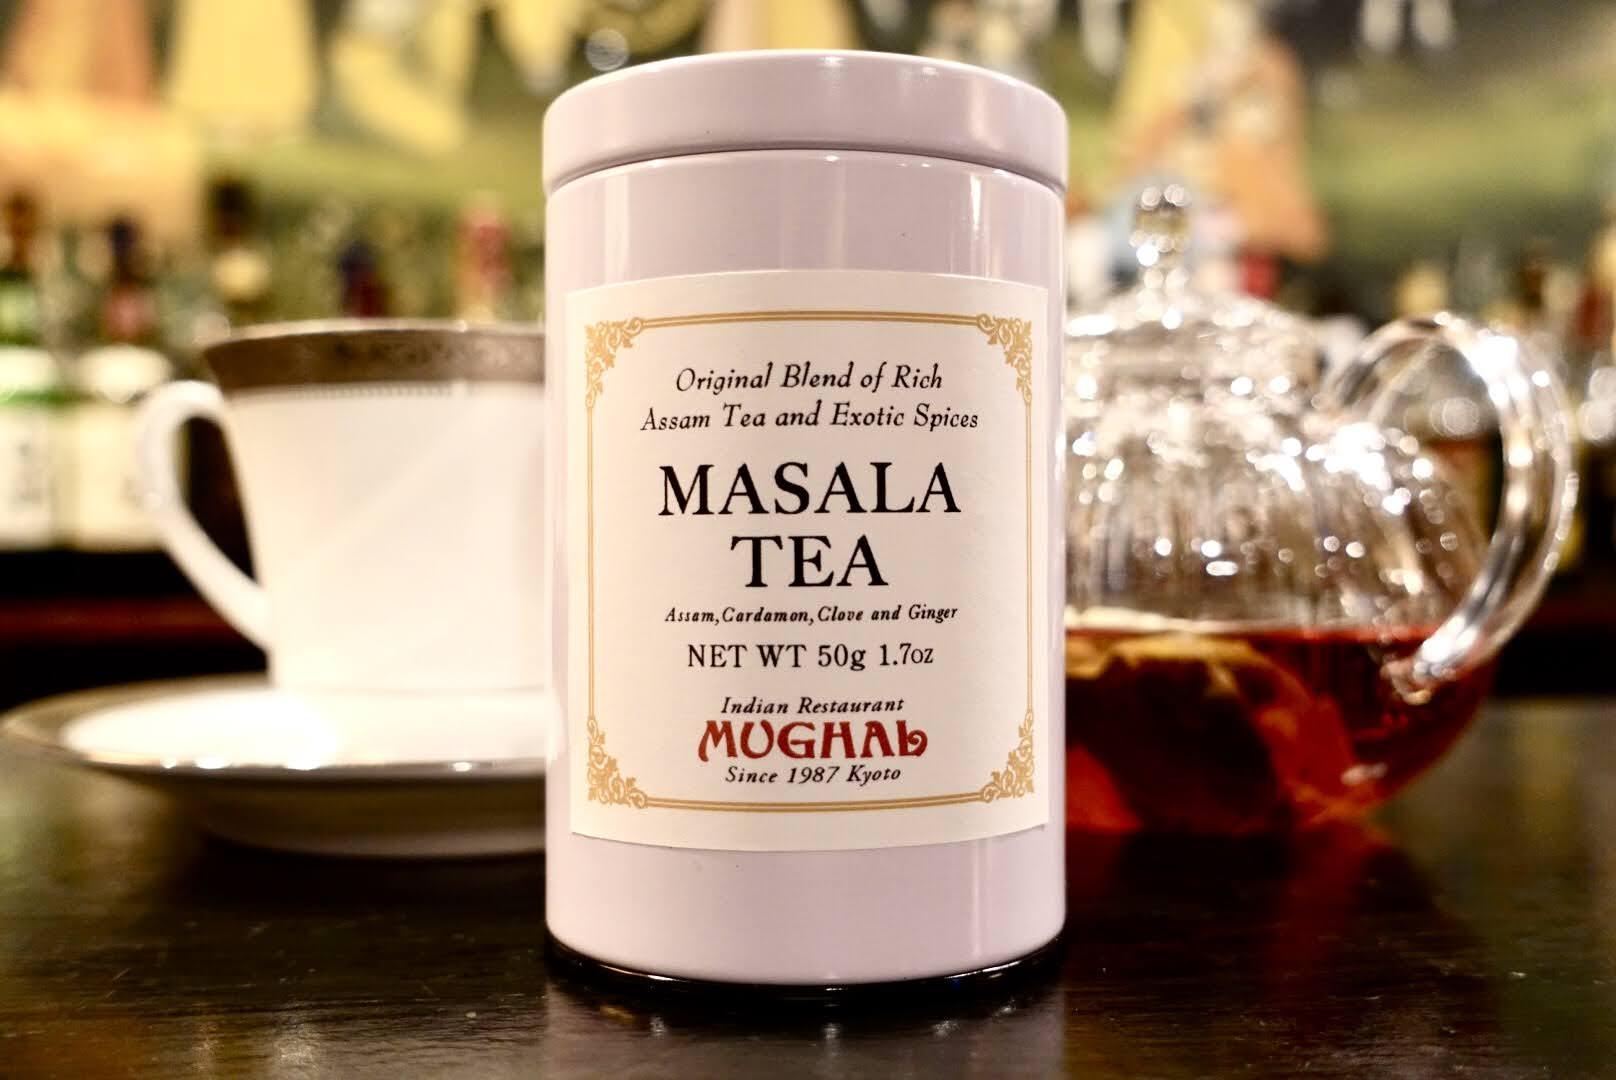 ムガール オリジナルブレンド マサラティー・白缶